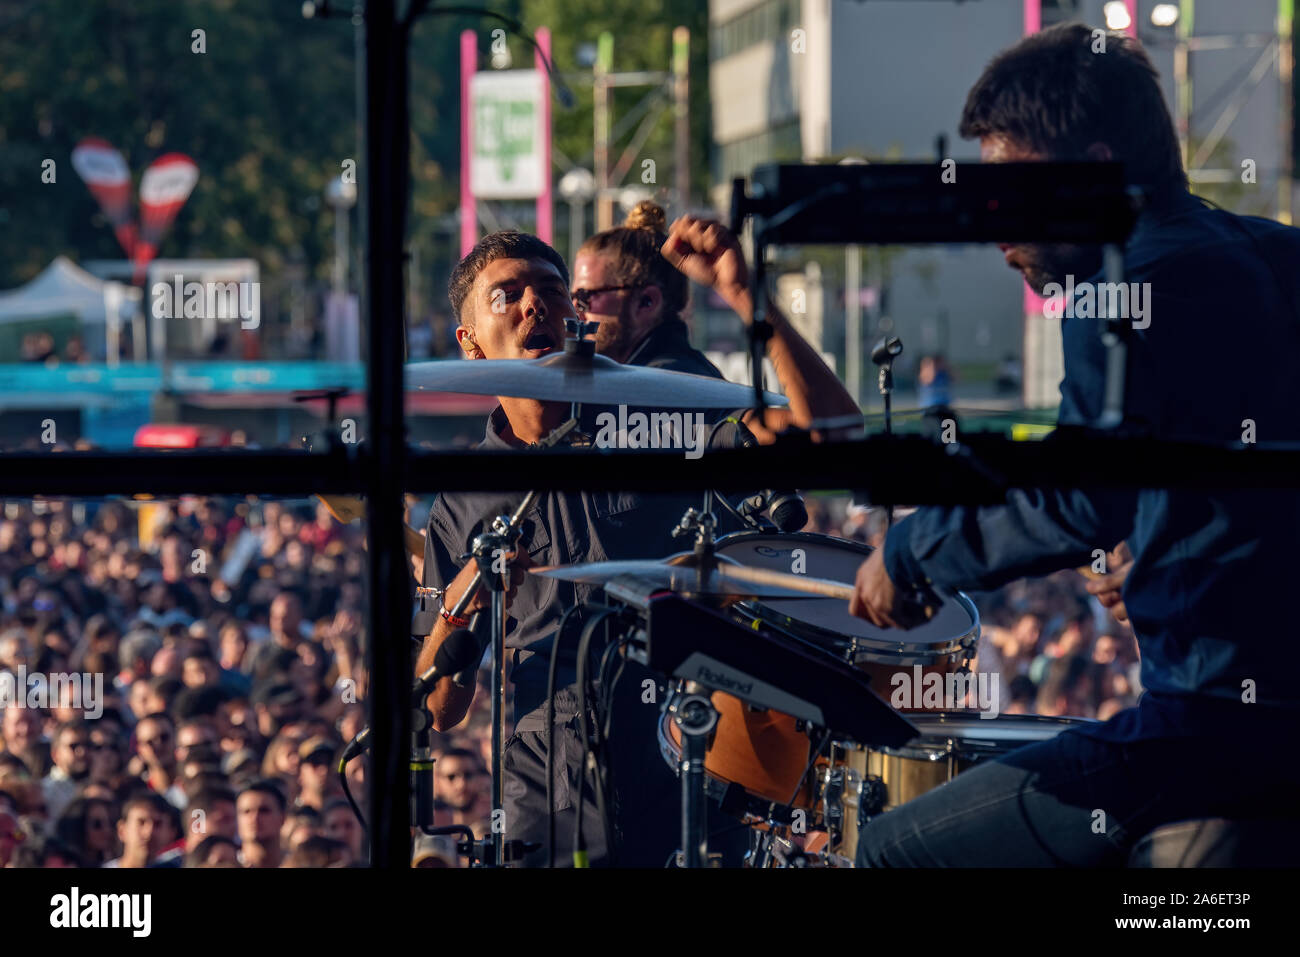 MADRID - SEP 7: Miss Caffeina (band) produisent en concert à Dcode Music Festival le 7 septembre 2019 à Madrid, Espagne. Banque D'Images